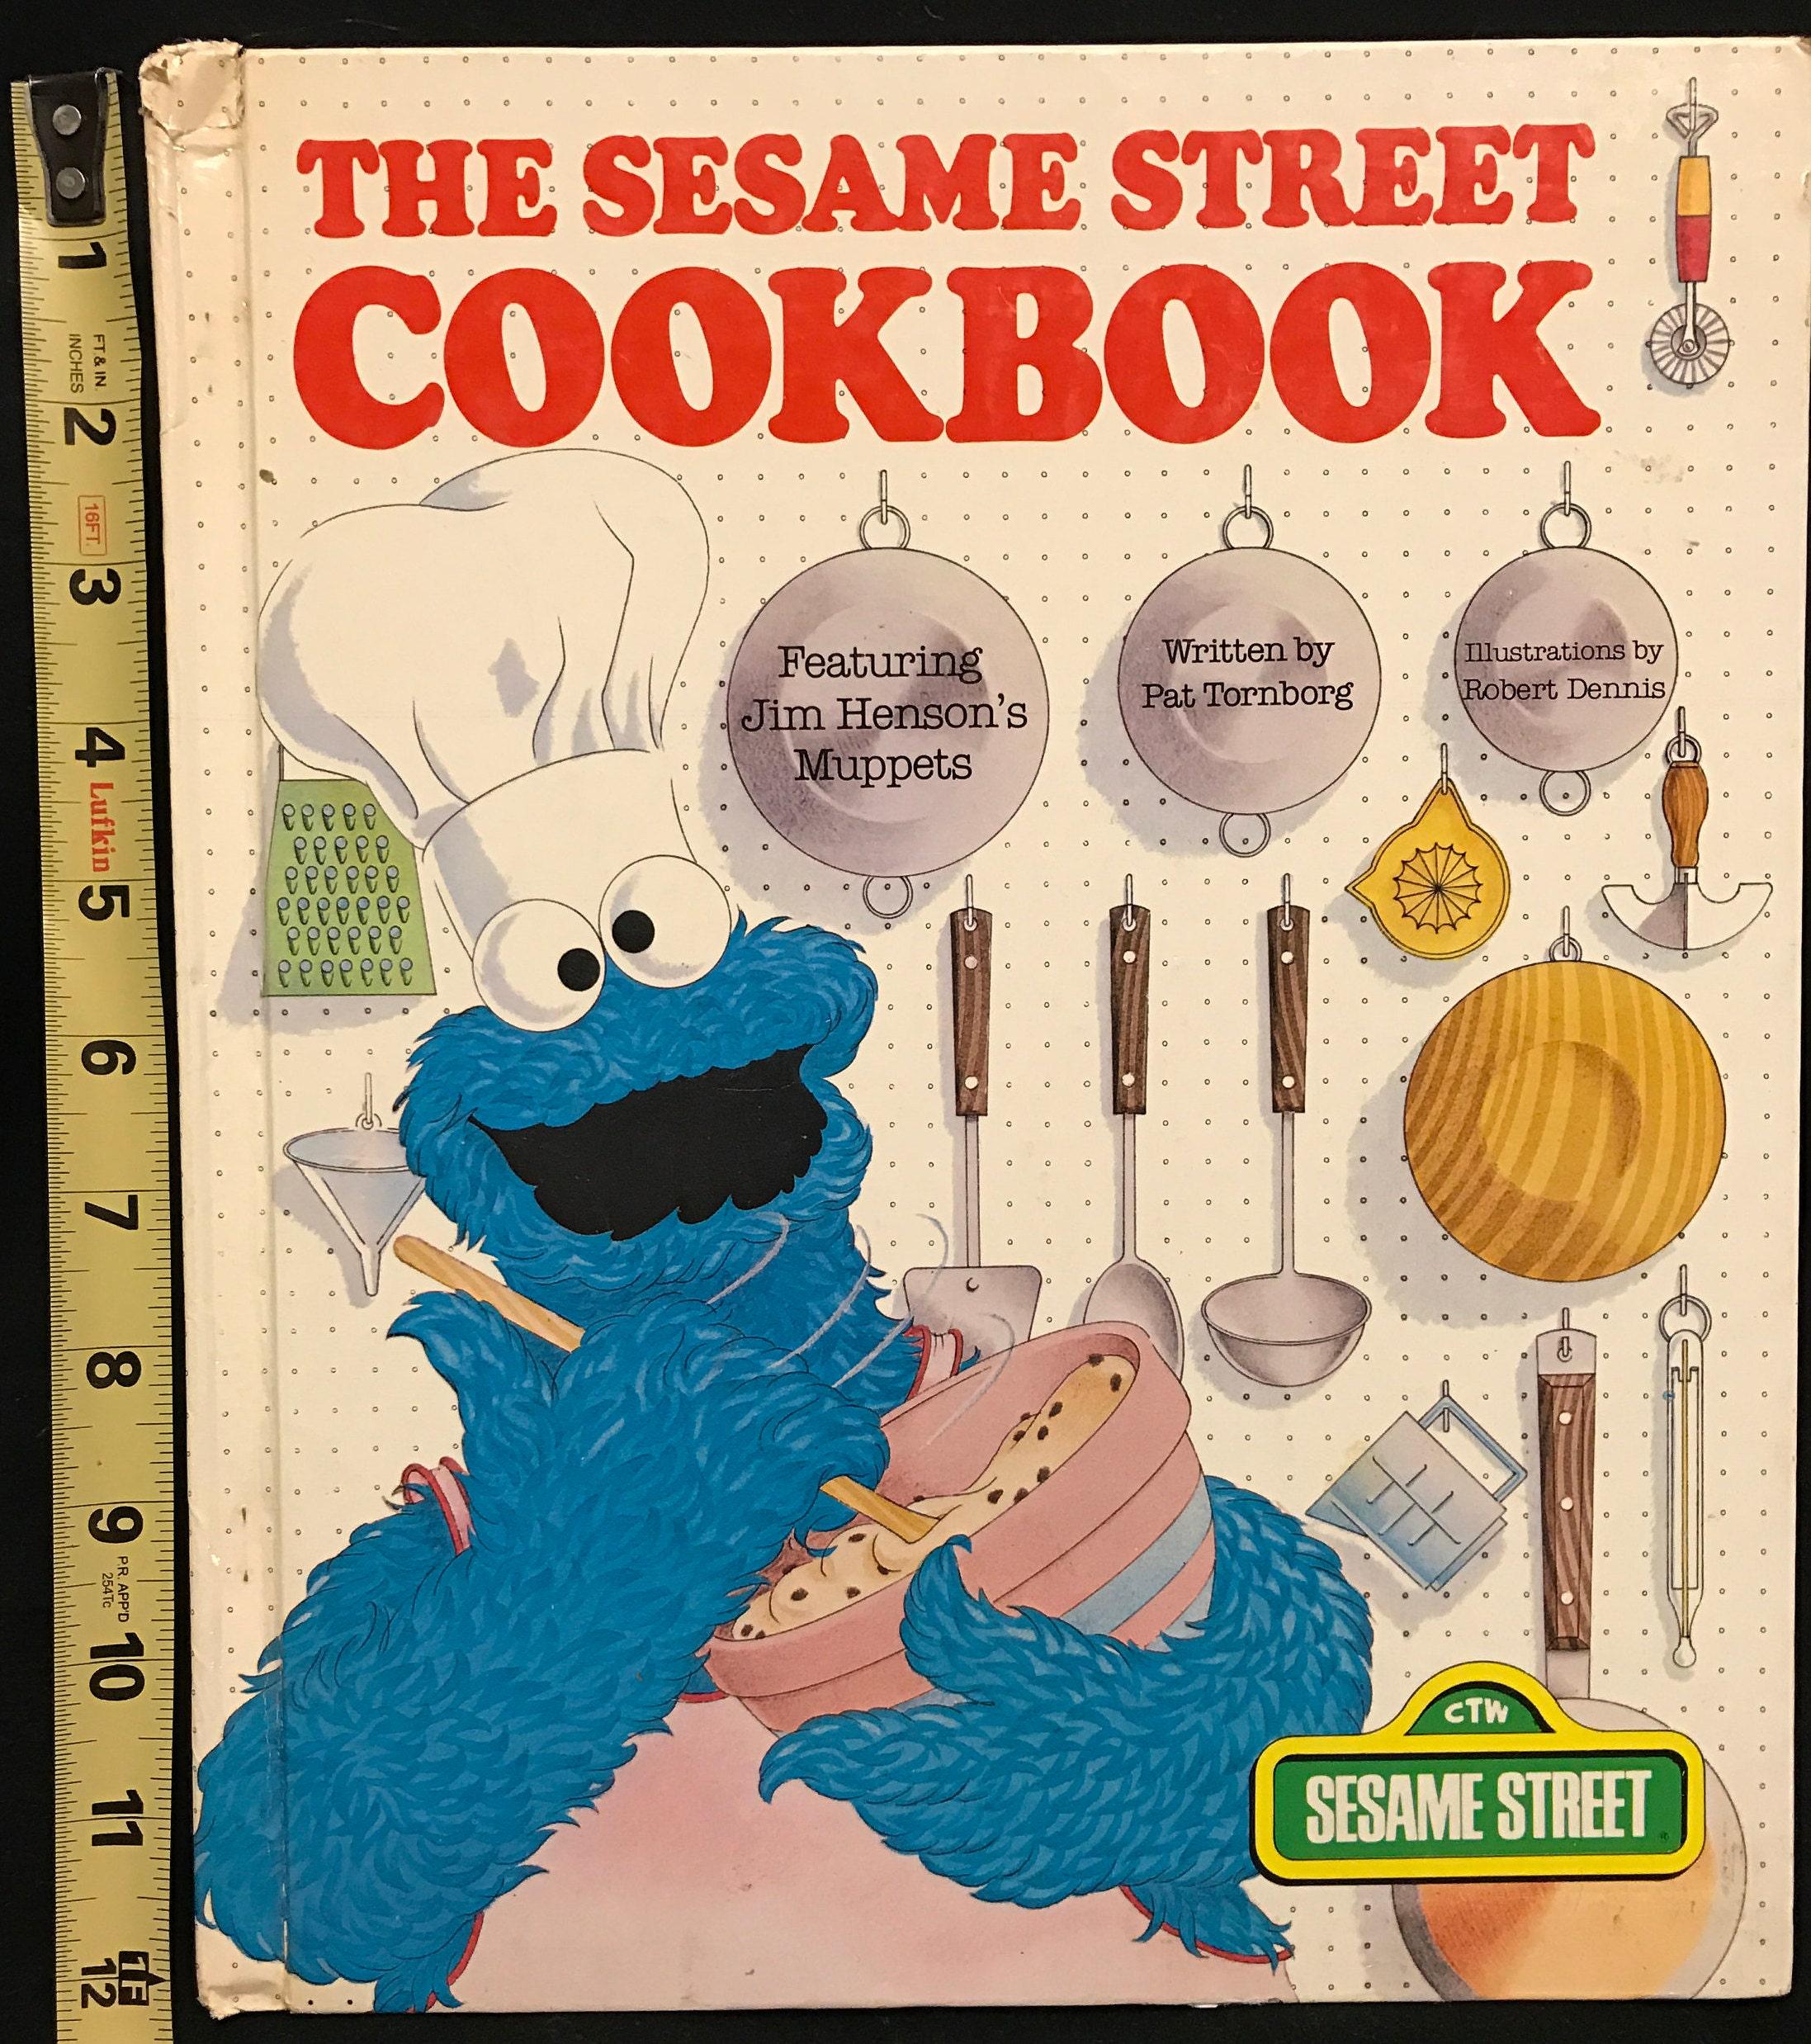 Die Sesamstraße Kochbuch Mit Hensons Muppets Geschrieben von   Etsy